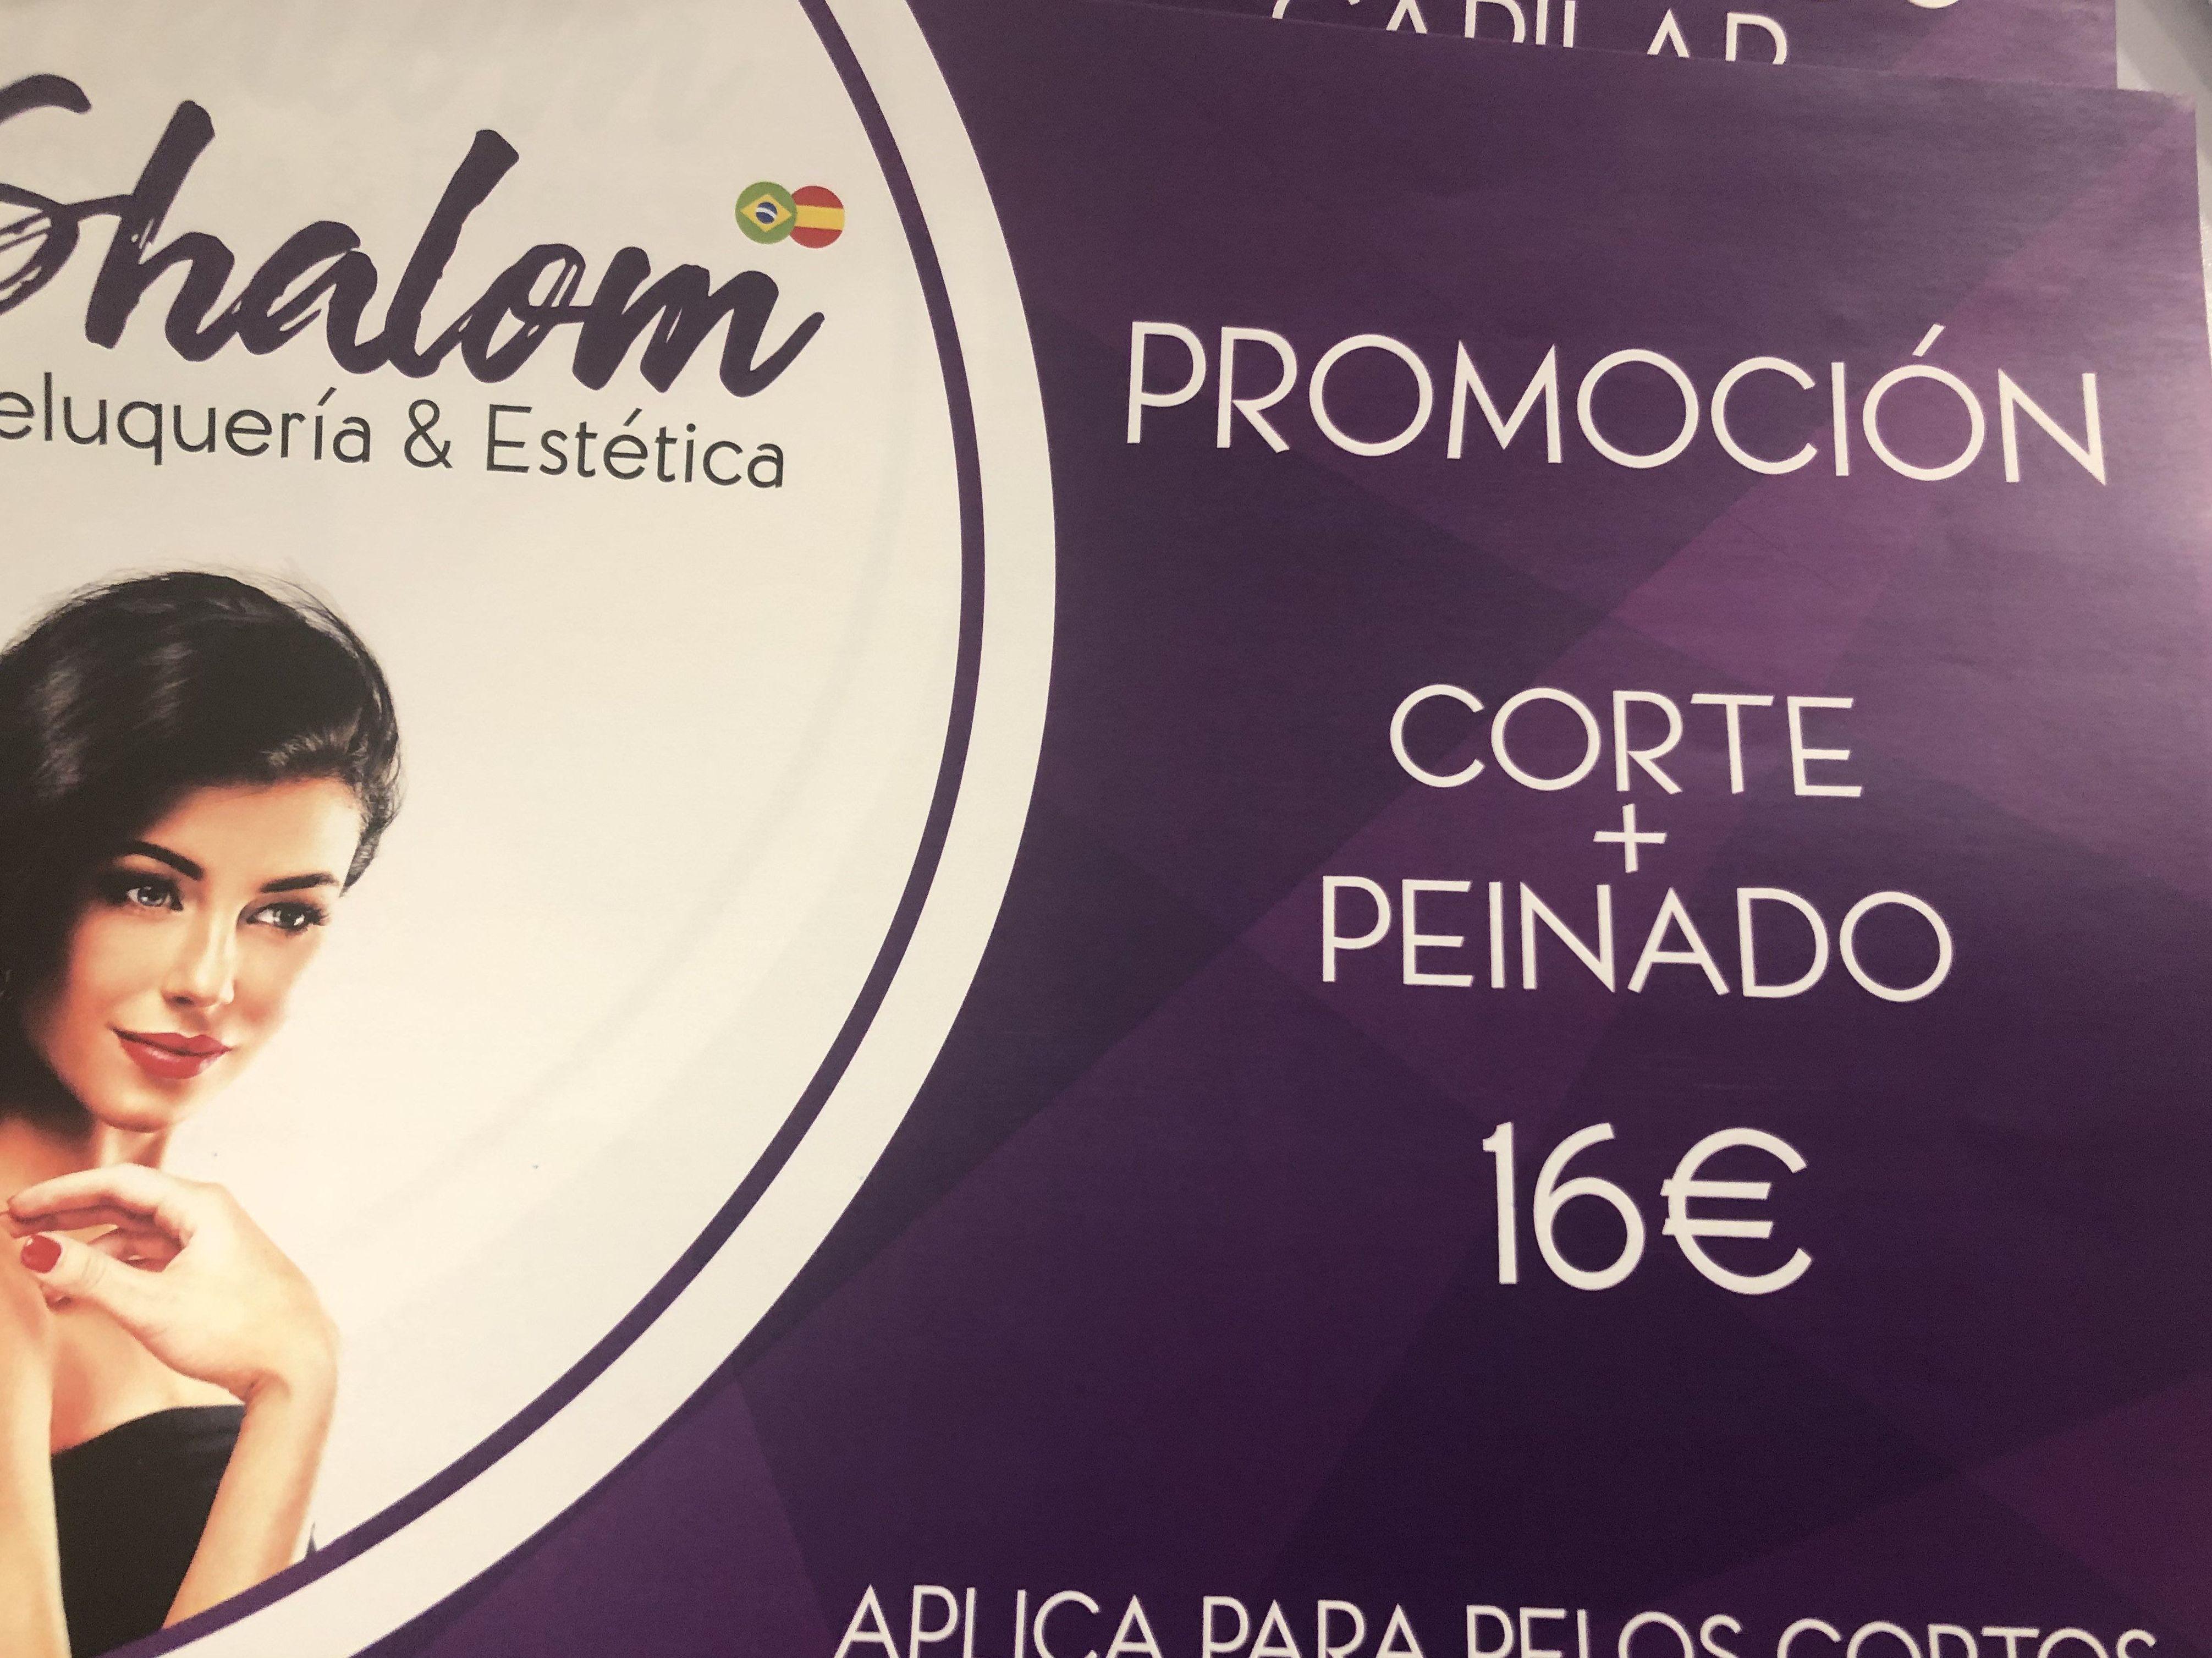 Corte y peinado en Logroño